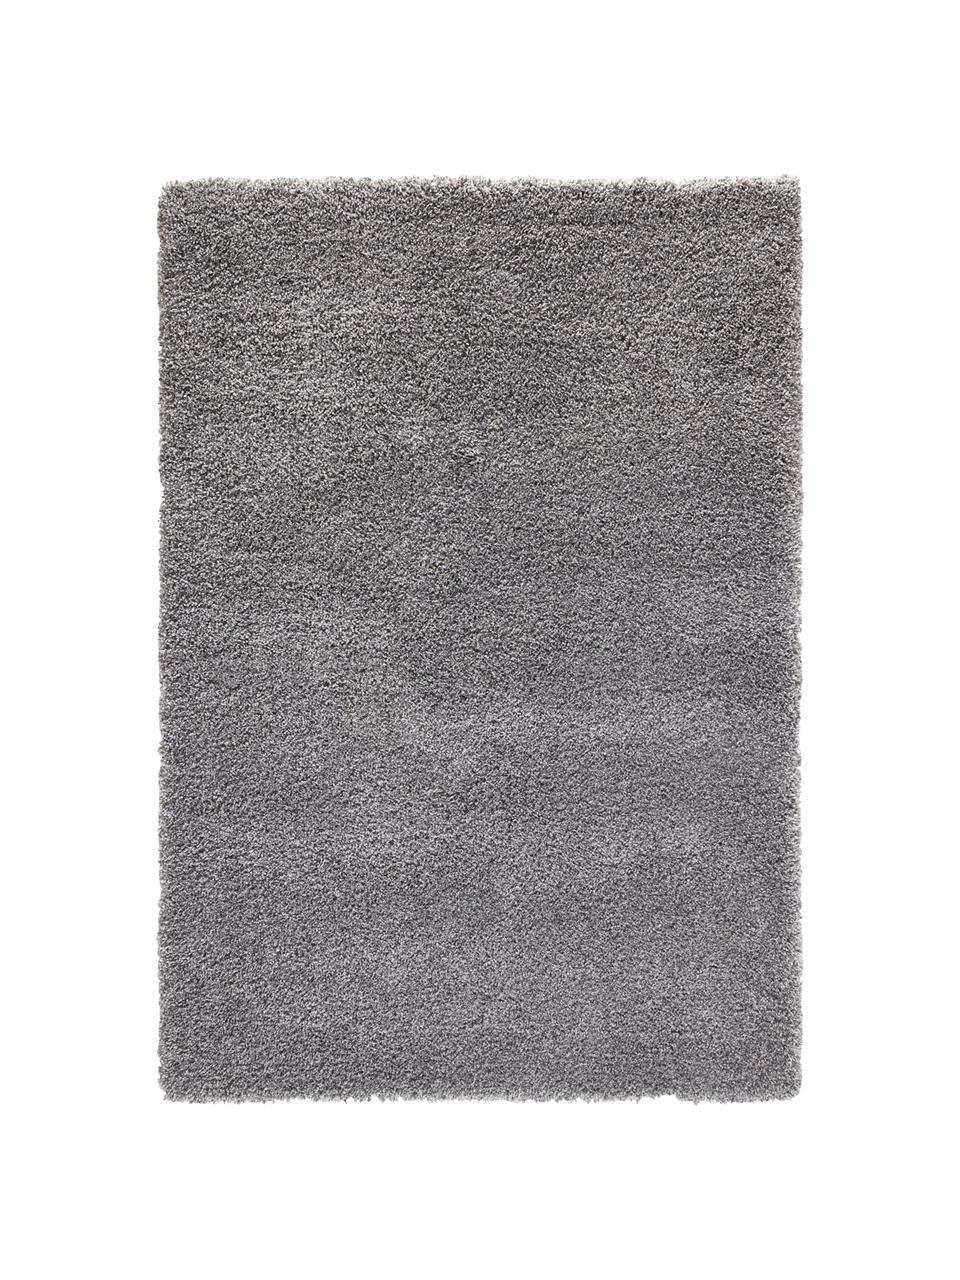 Flauschiger Hochflor-Teppich Venice in Grau, Flor: 100% Polypropylen, Grau, 80 x 150 cm